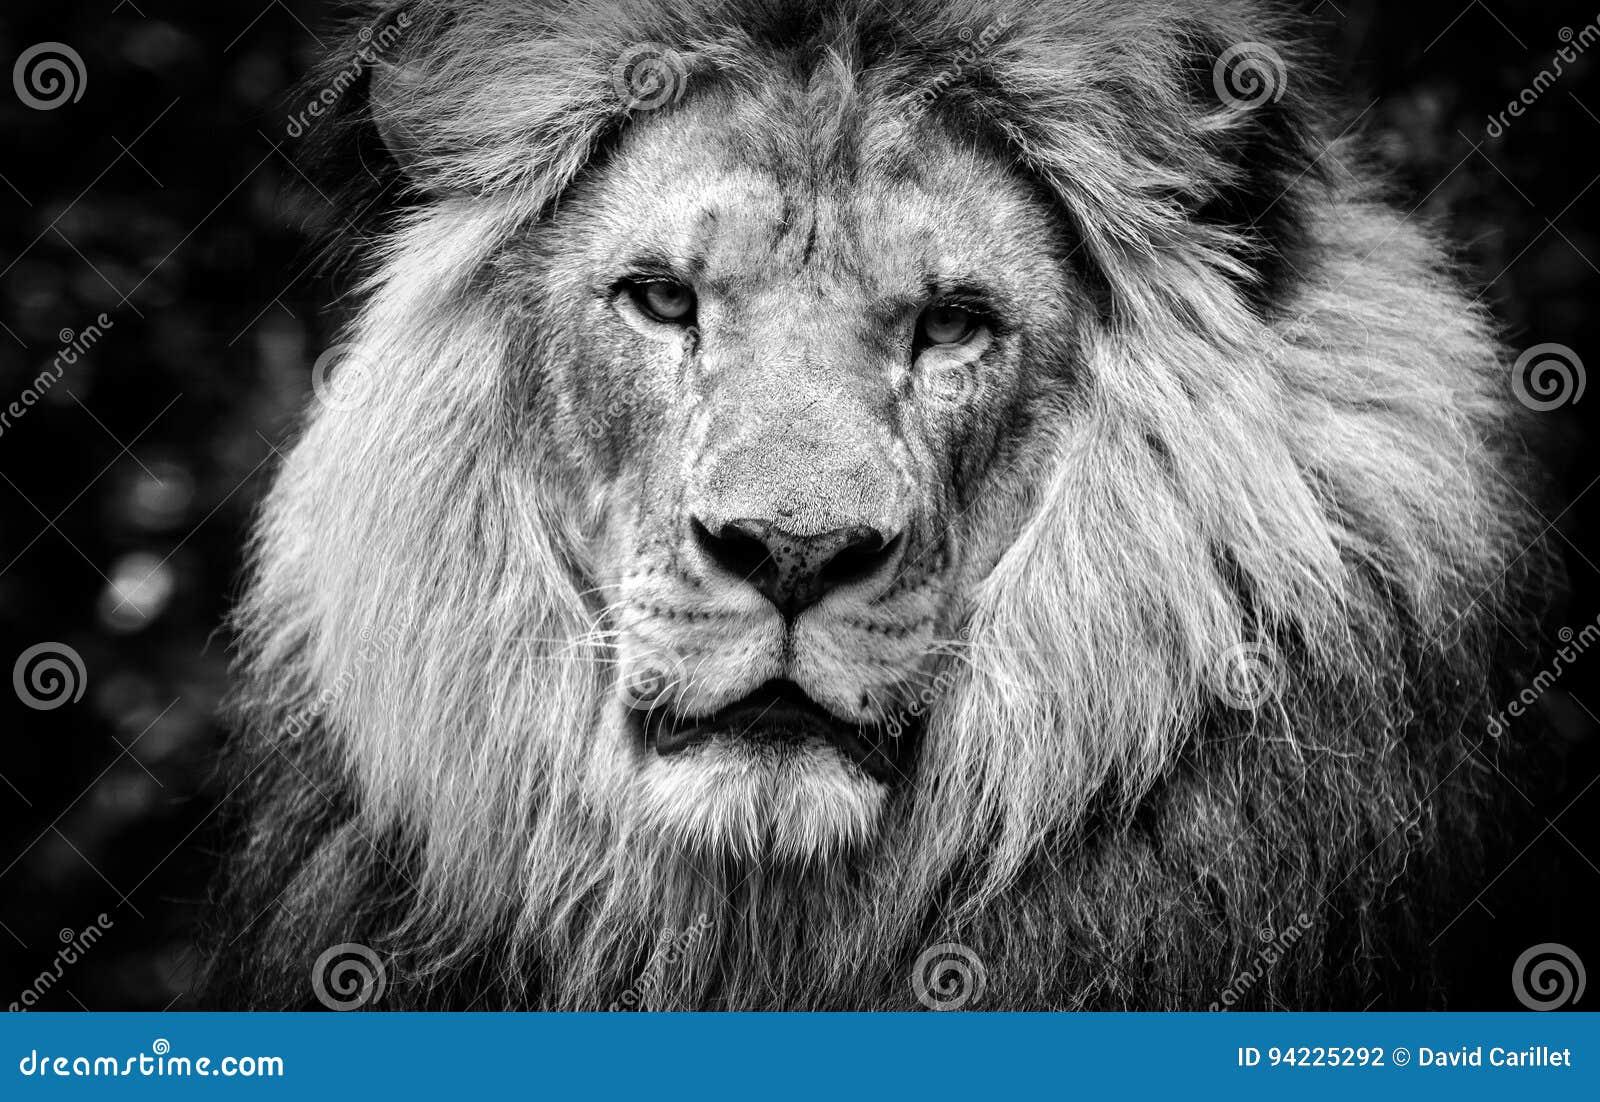 Hög kontrast som är svartvit av en manlig afrikansk lejonframsida